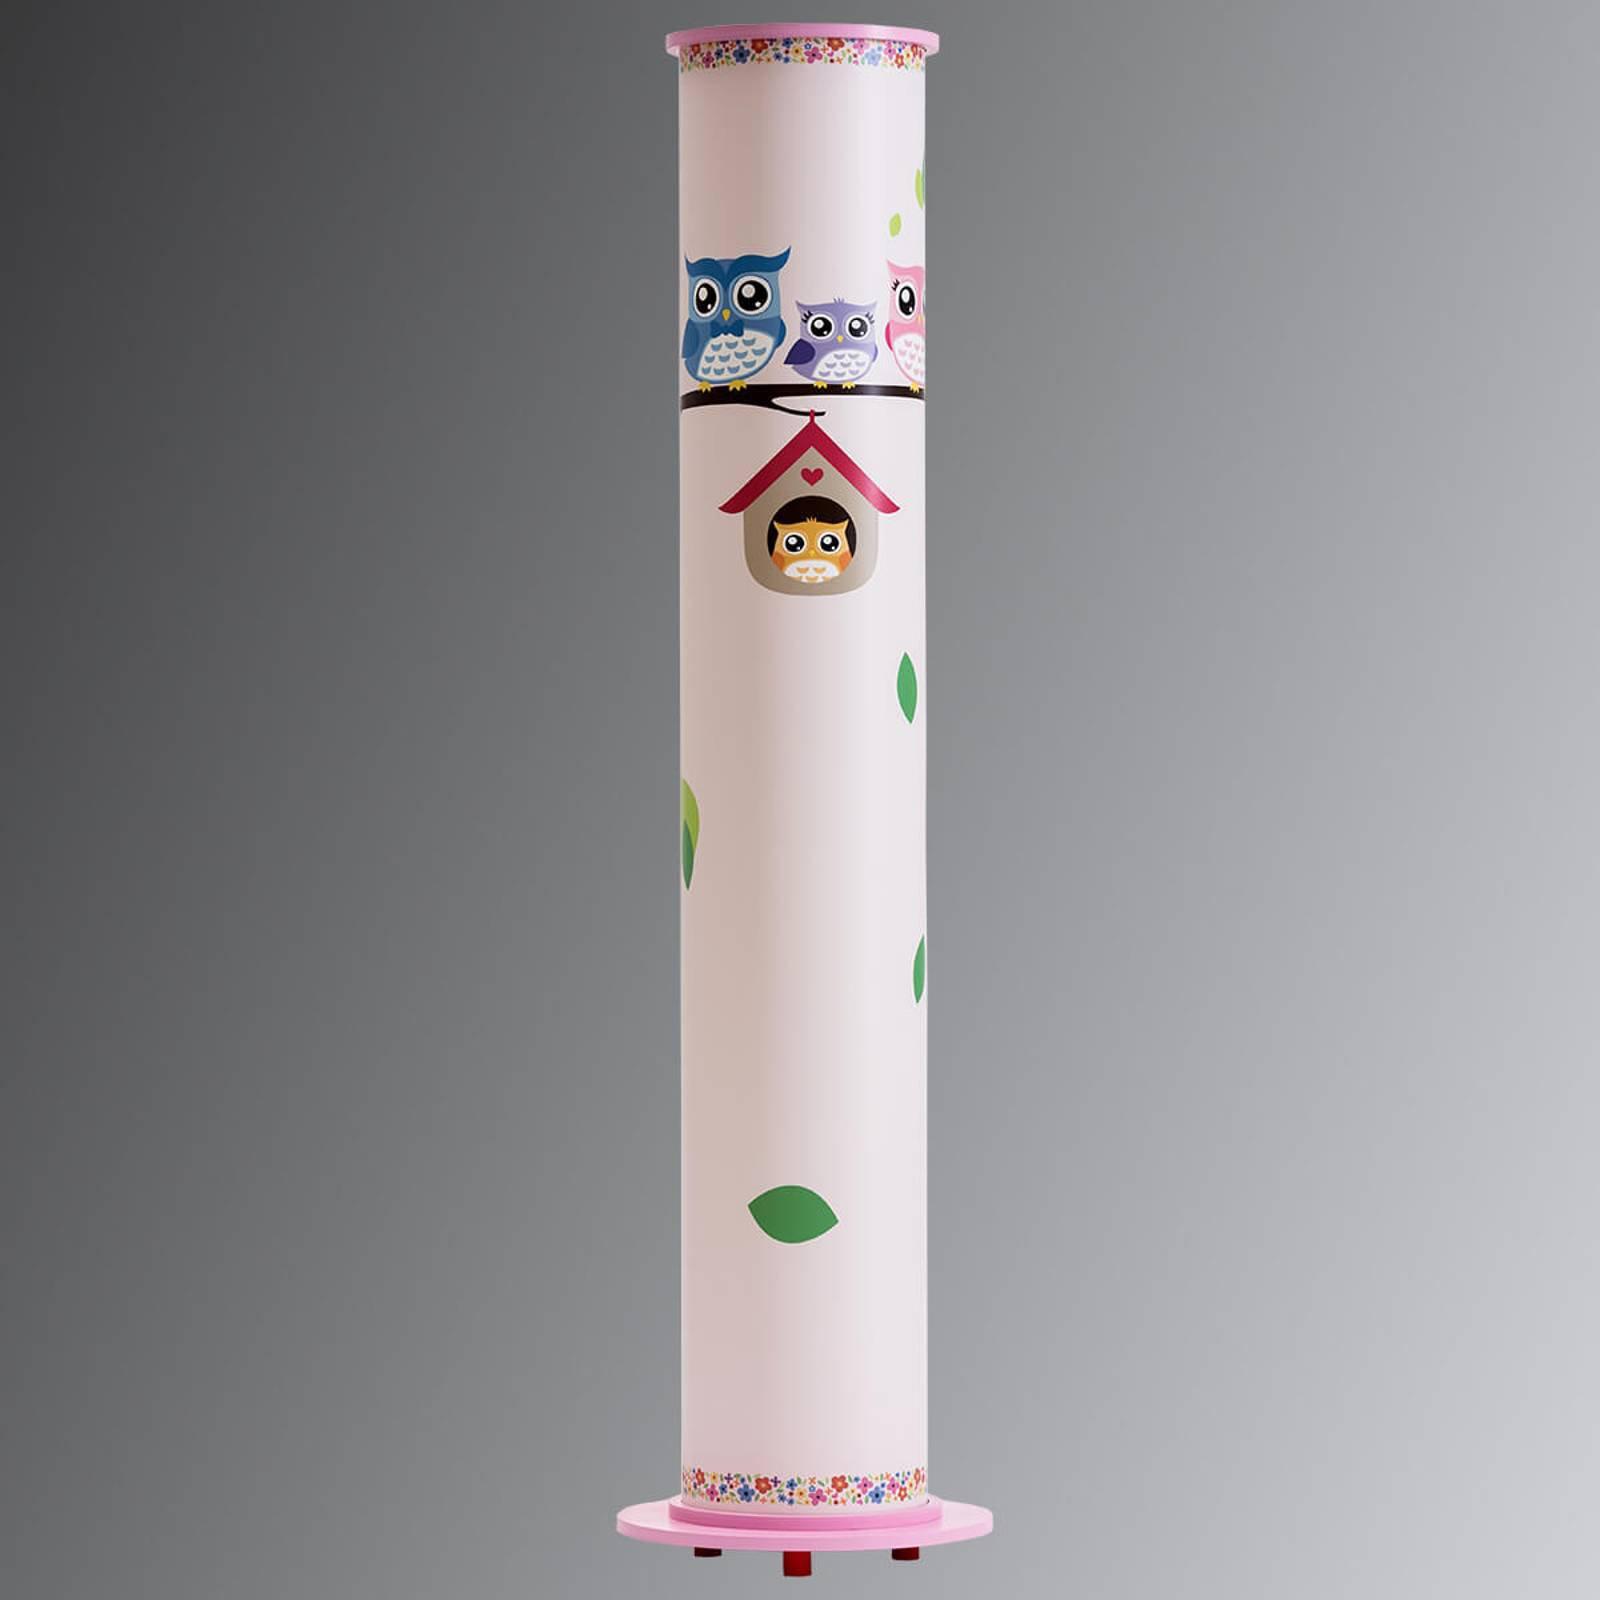 Gulvlampe Ugle til barnerom, hvit og rosa